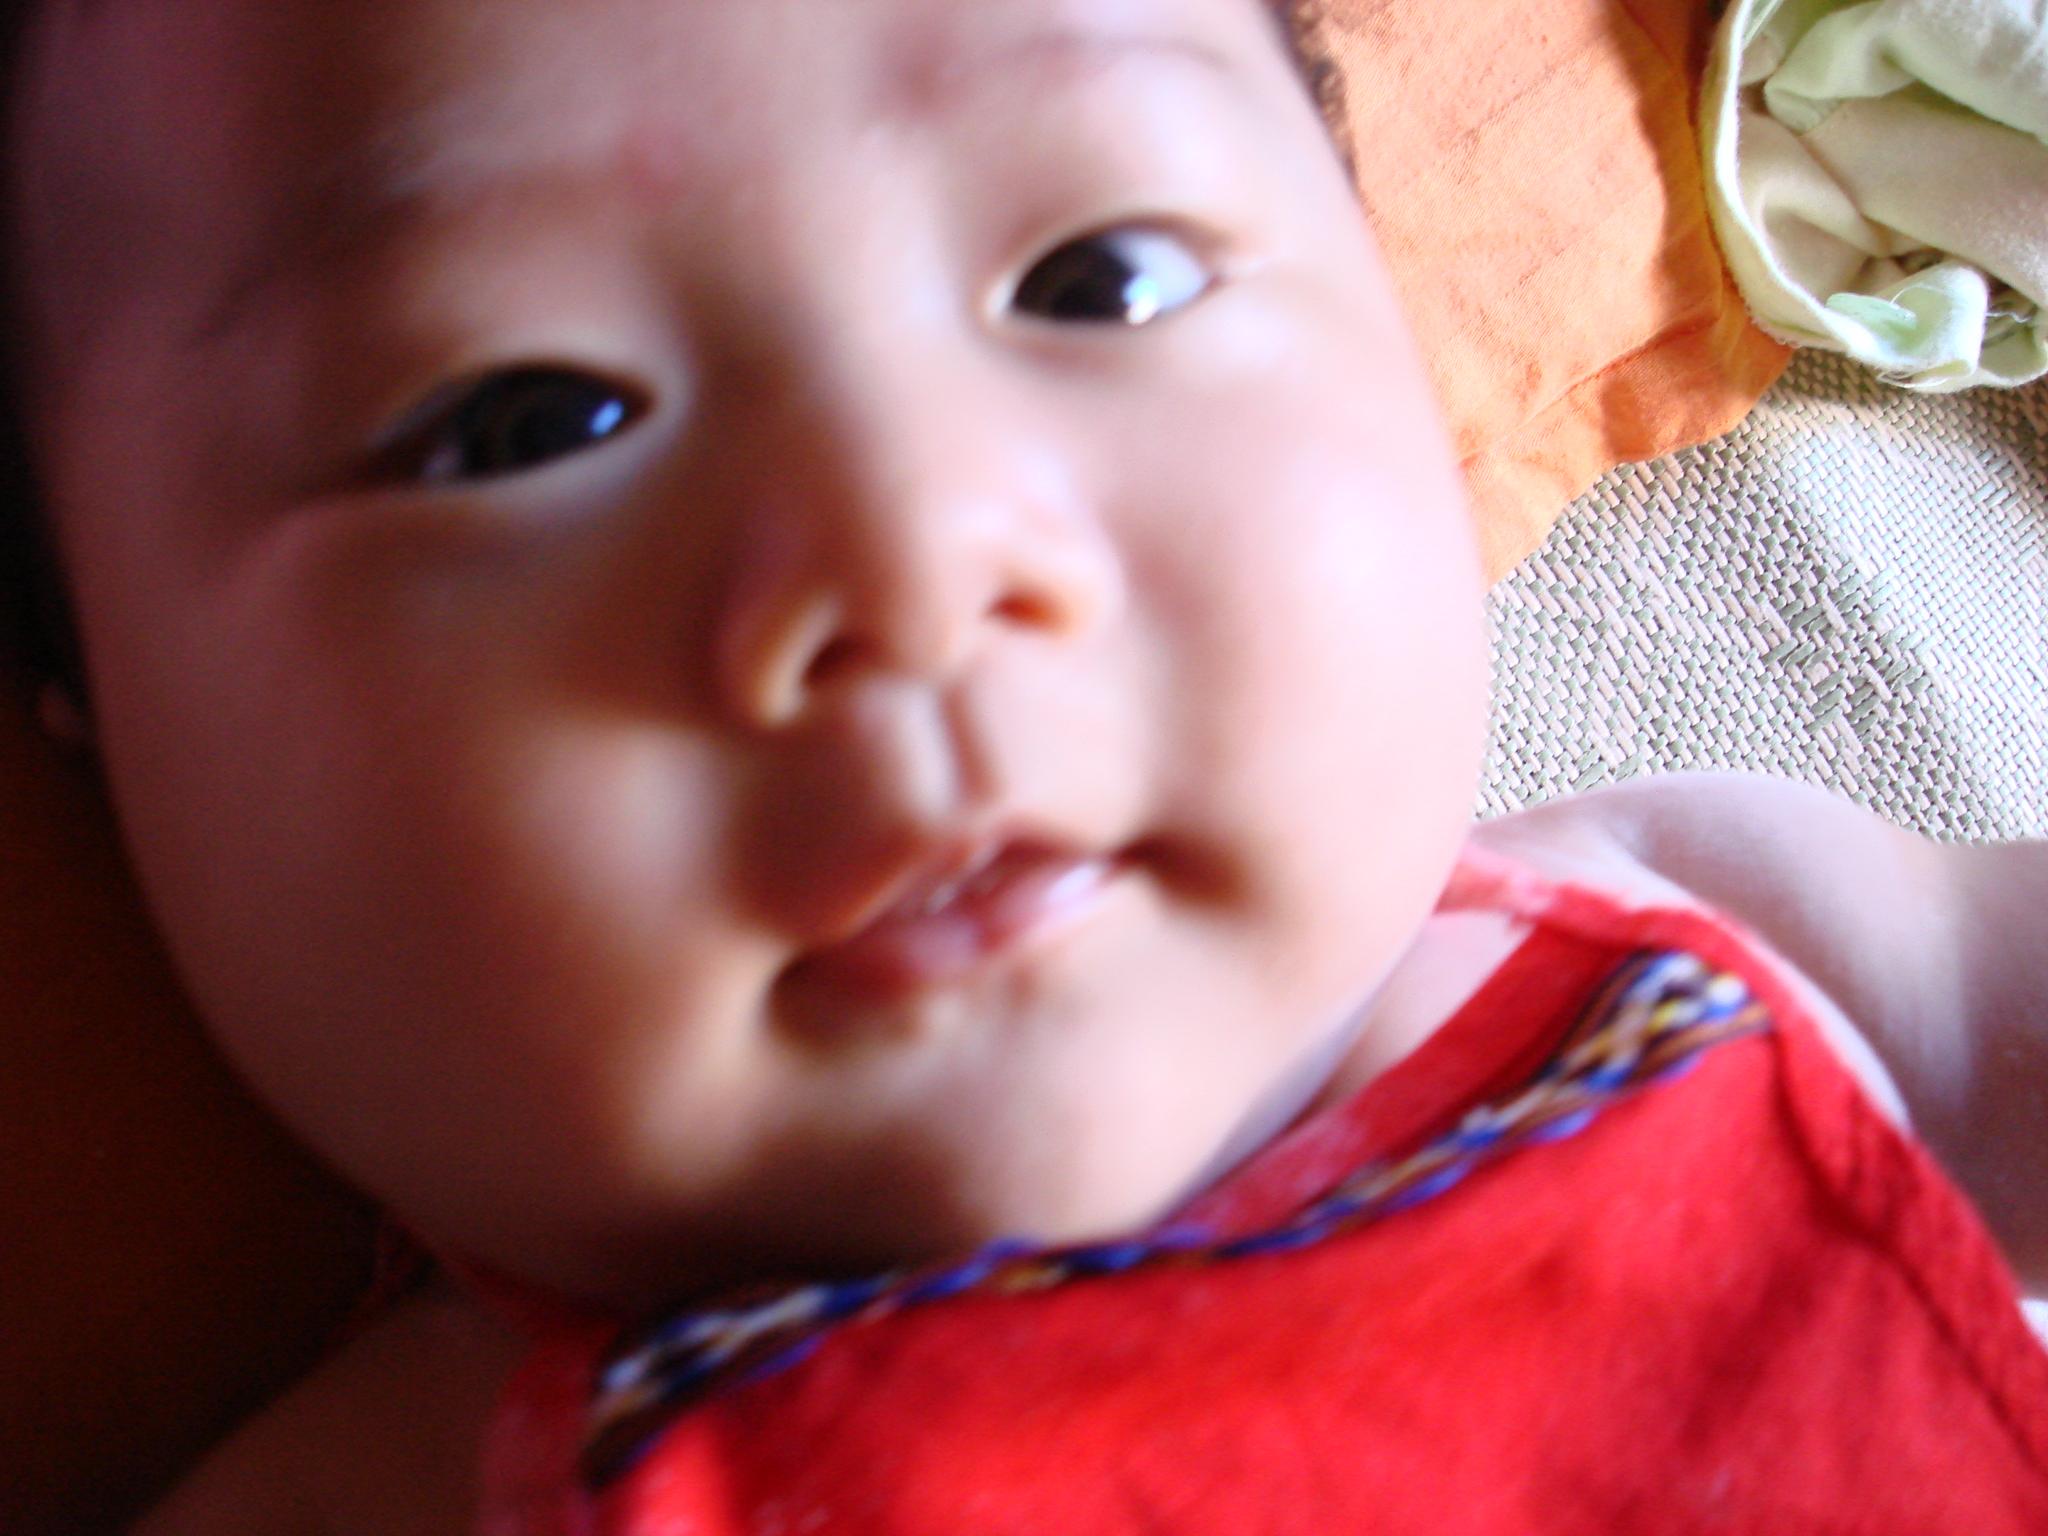 正文从这里开始:宝宝从出生到现在都是单眼皮。可我和他爸爸都是双眼皮,按理说不应该呀。后来听别人家说小孩到三四个月以后会变过来的,果然宝宝的眼睛从昨天开始有点想双了。不过我们看了几个月的单眼皮觉得也很迷人的。姥姥总被嘻嘻的单眼皮大眼睛迷住呢!现在美容技术这么先进,双眼皮太多了,真要是单眼皮也挺特别的呢。真是小孩长大18变。真心祝愿我们可爱的宝宝健康成长!